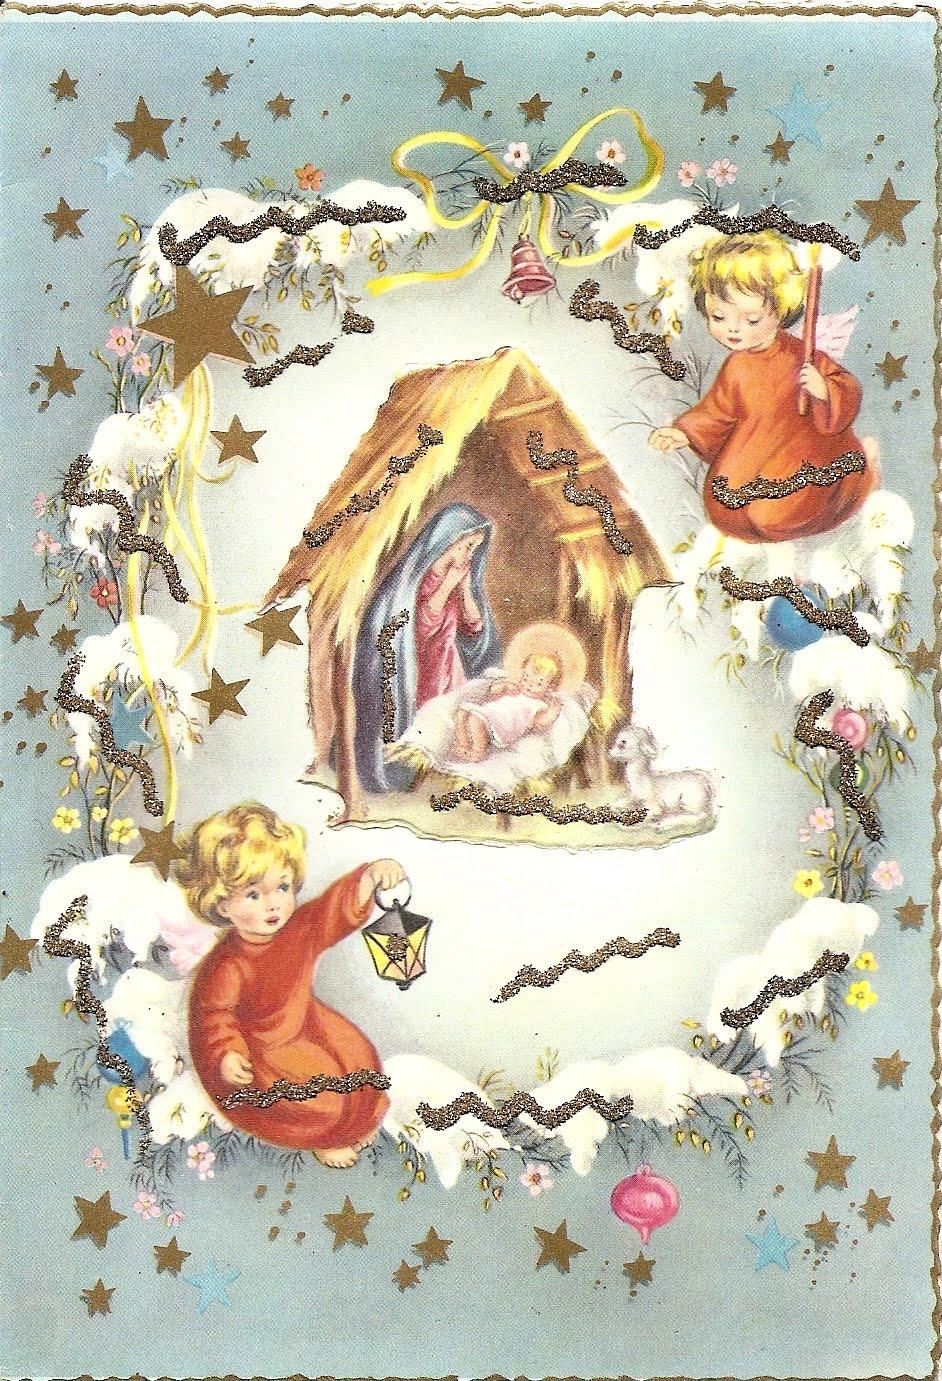 Immagini Letterine Di Natale.Francescopaolo D Adamo Letterina Di Dopo Natale